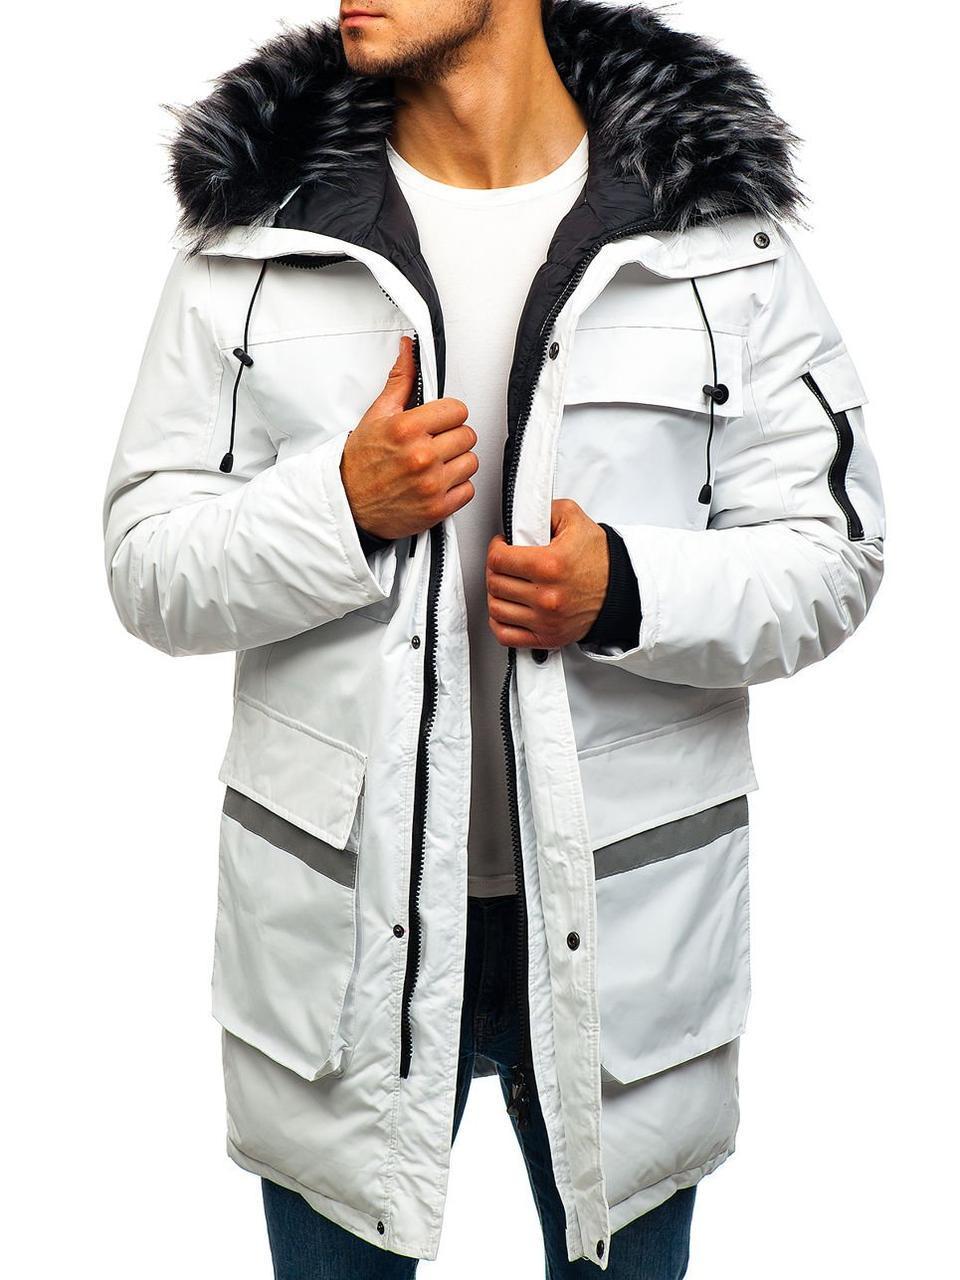 Зимняя удлиненная мужская парковая куртка с капюшоном №2 Белый